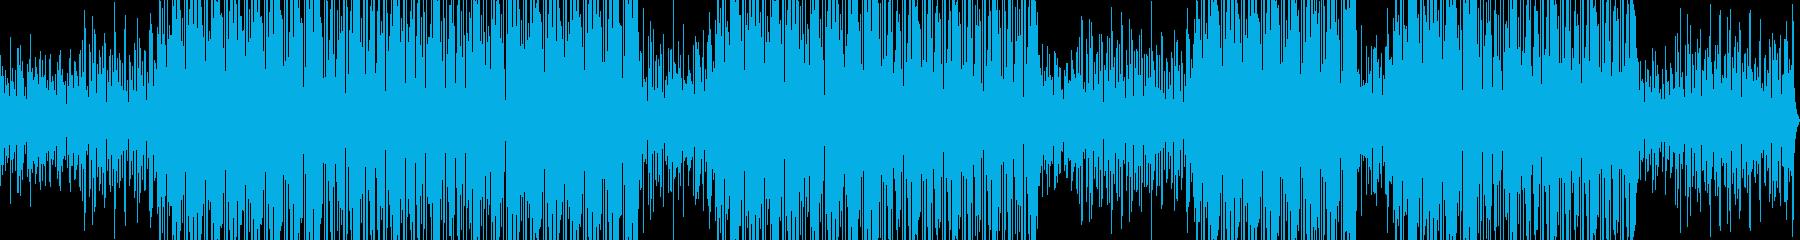 ピアノTRAPの再生済みの波形